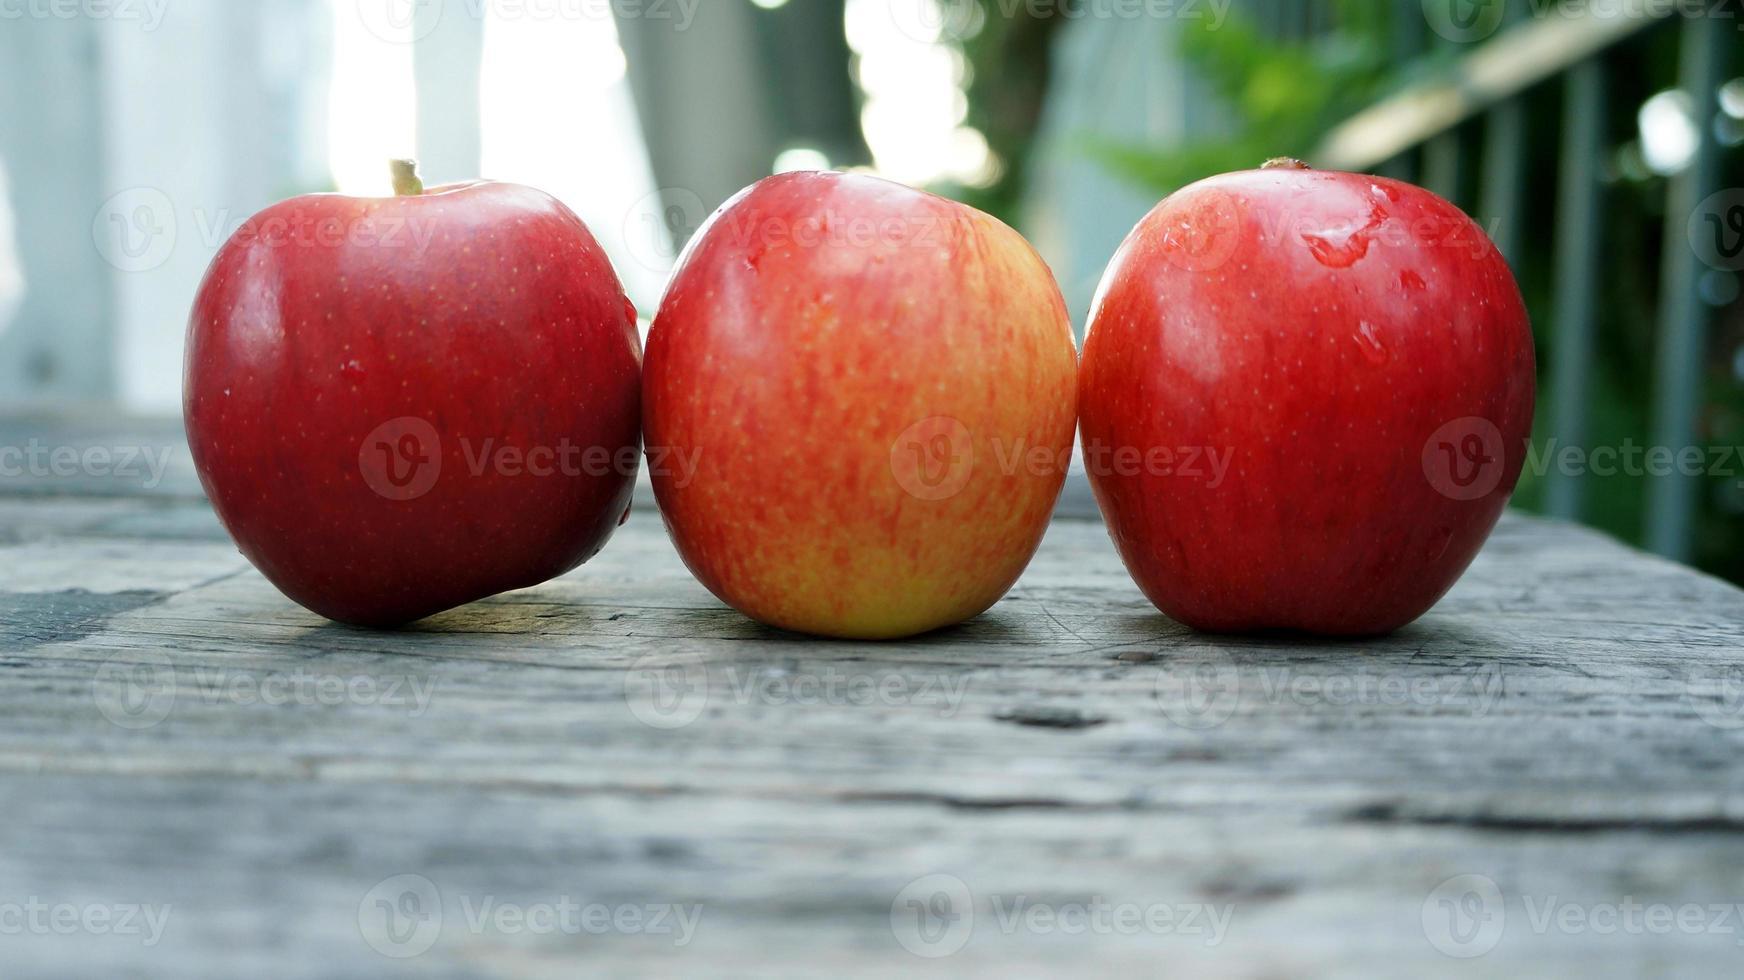 drie rode appels op de houten tafel foto